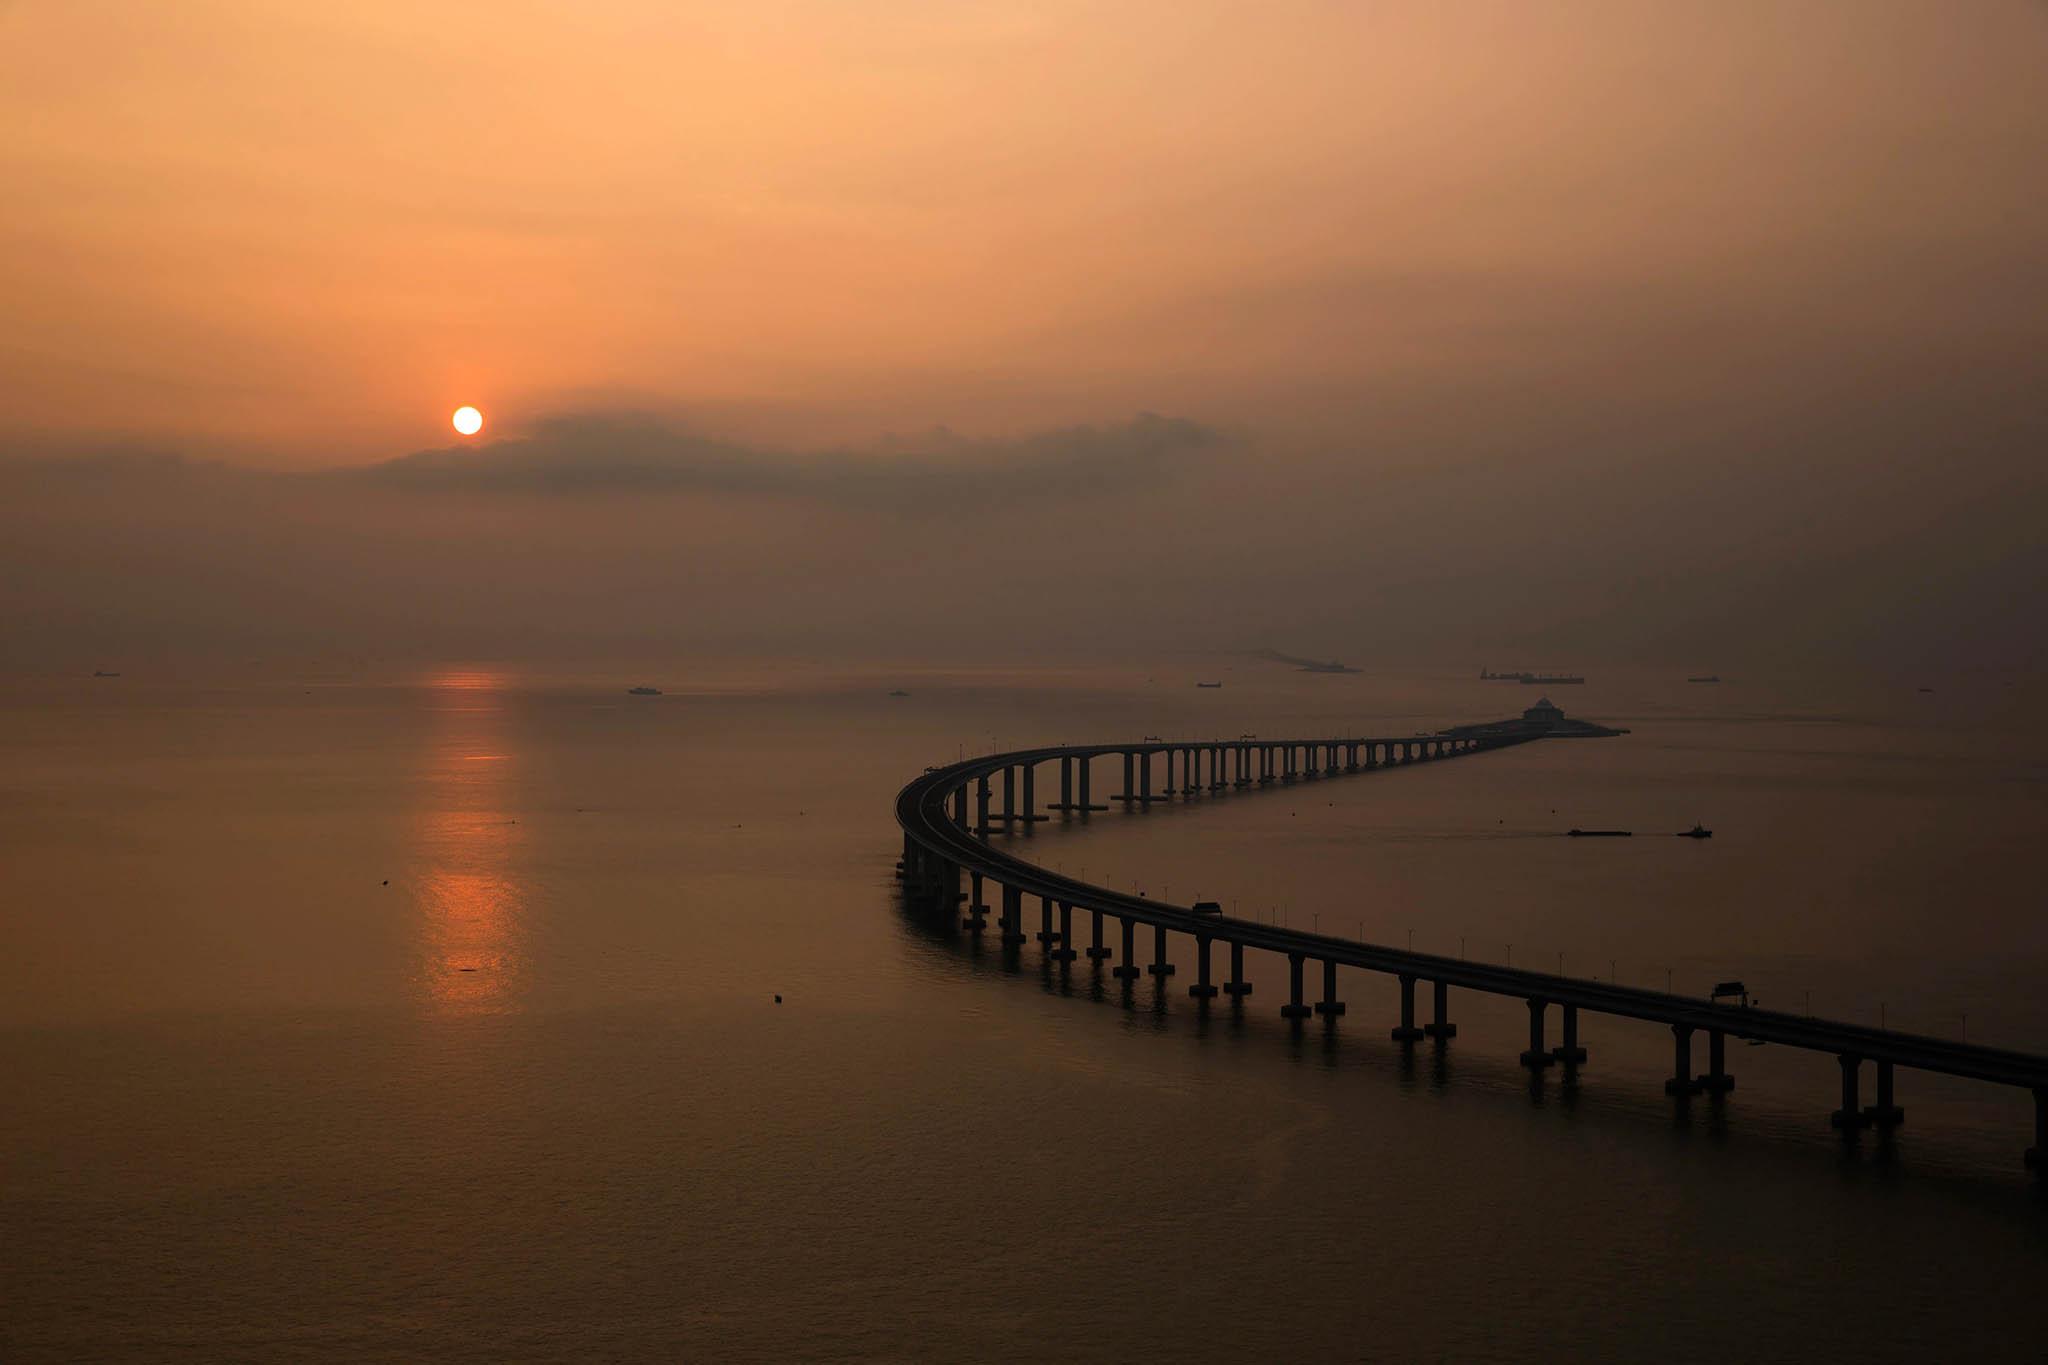 Cerimónia de inauguração da ponte Hong Kong-Zhuhai-Macau